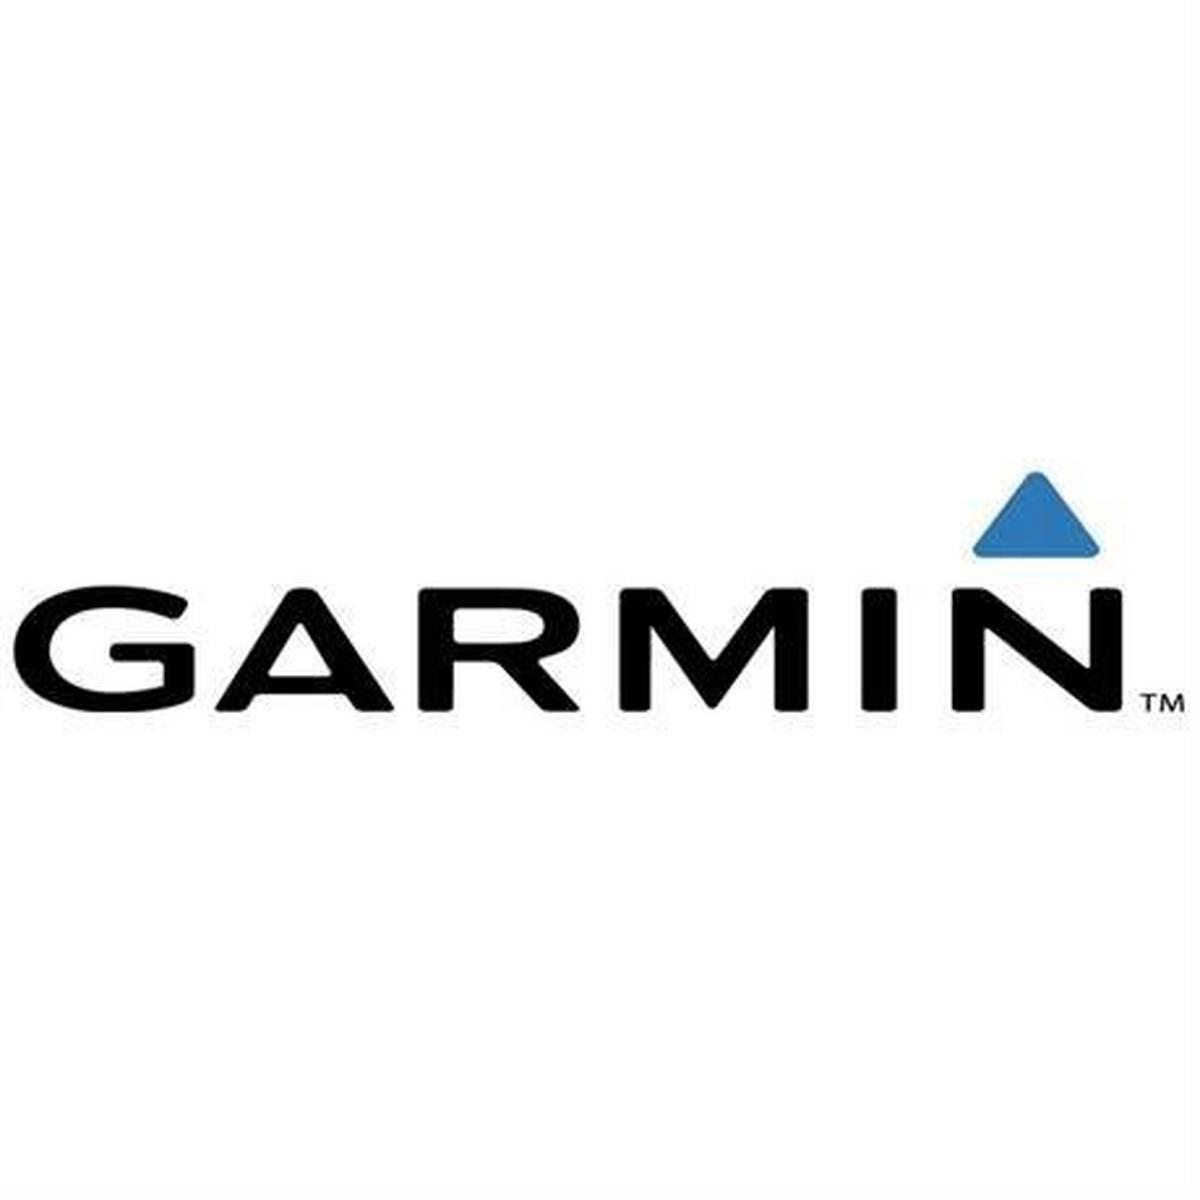 Garmin GPS Spare/Accessory: Quickfit Silicone Watch Strap 20mm Carrara White Sta